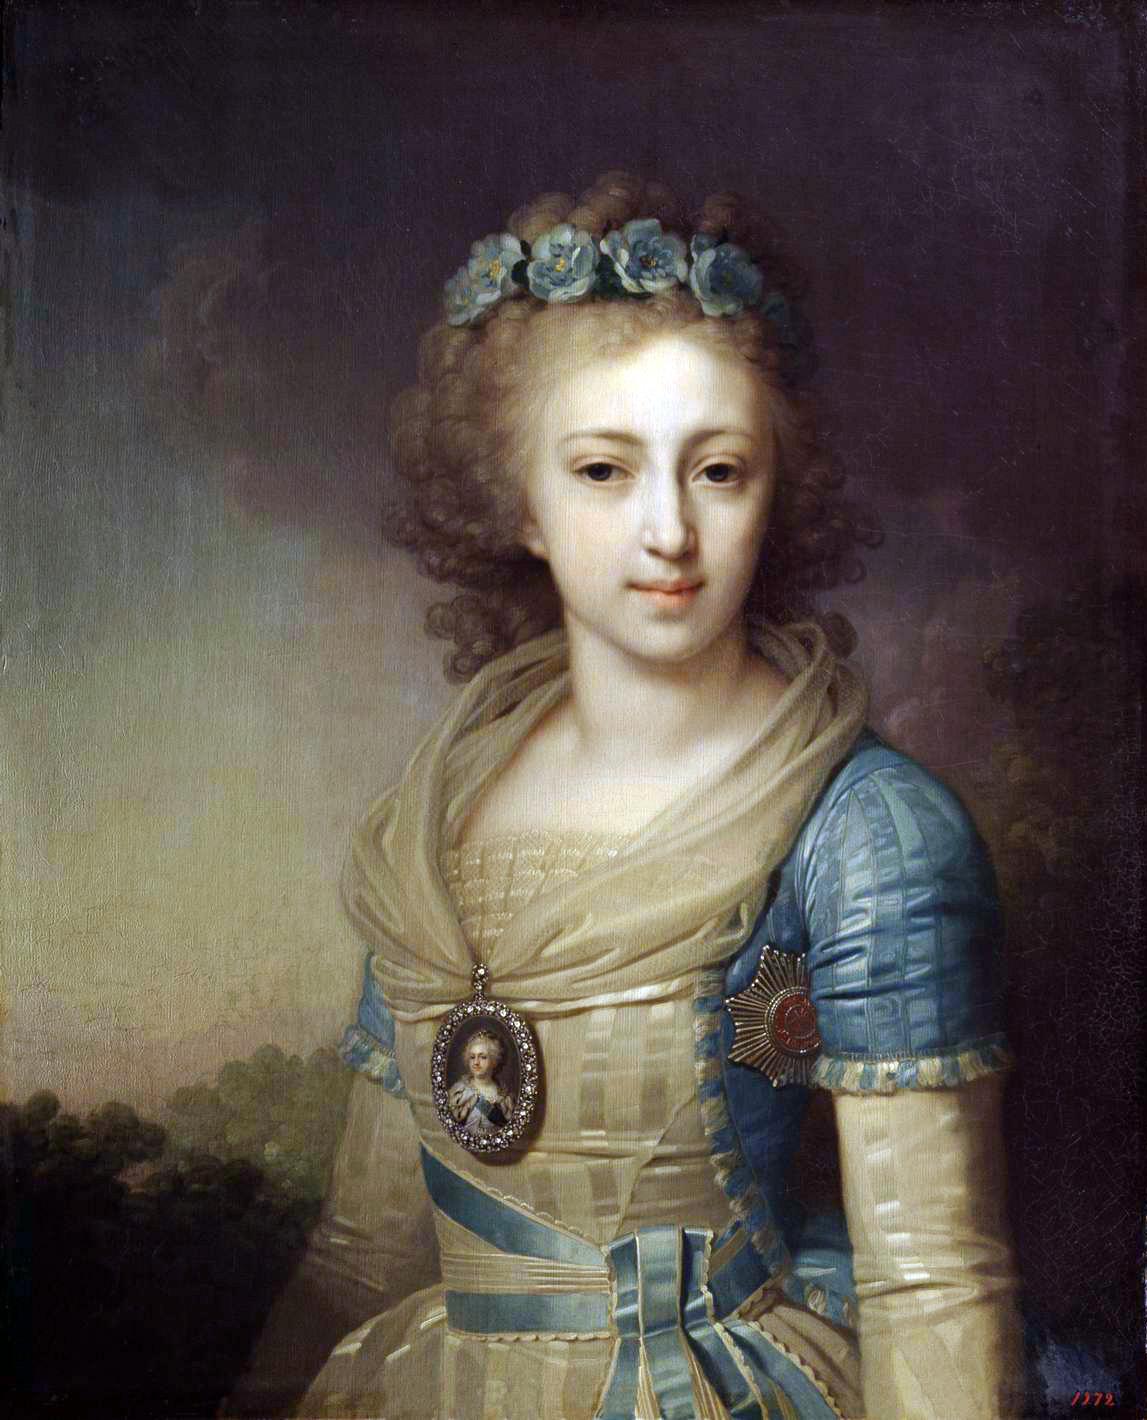 Боровиковский. Портрет великой княжны Елены Павловны. 1796